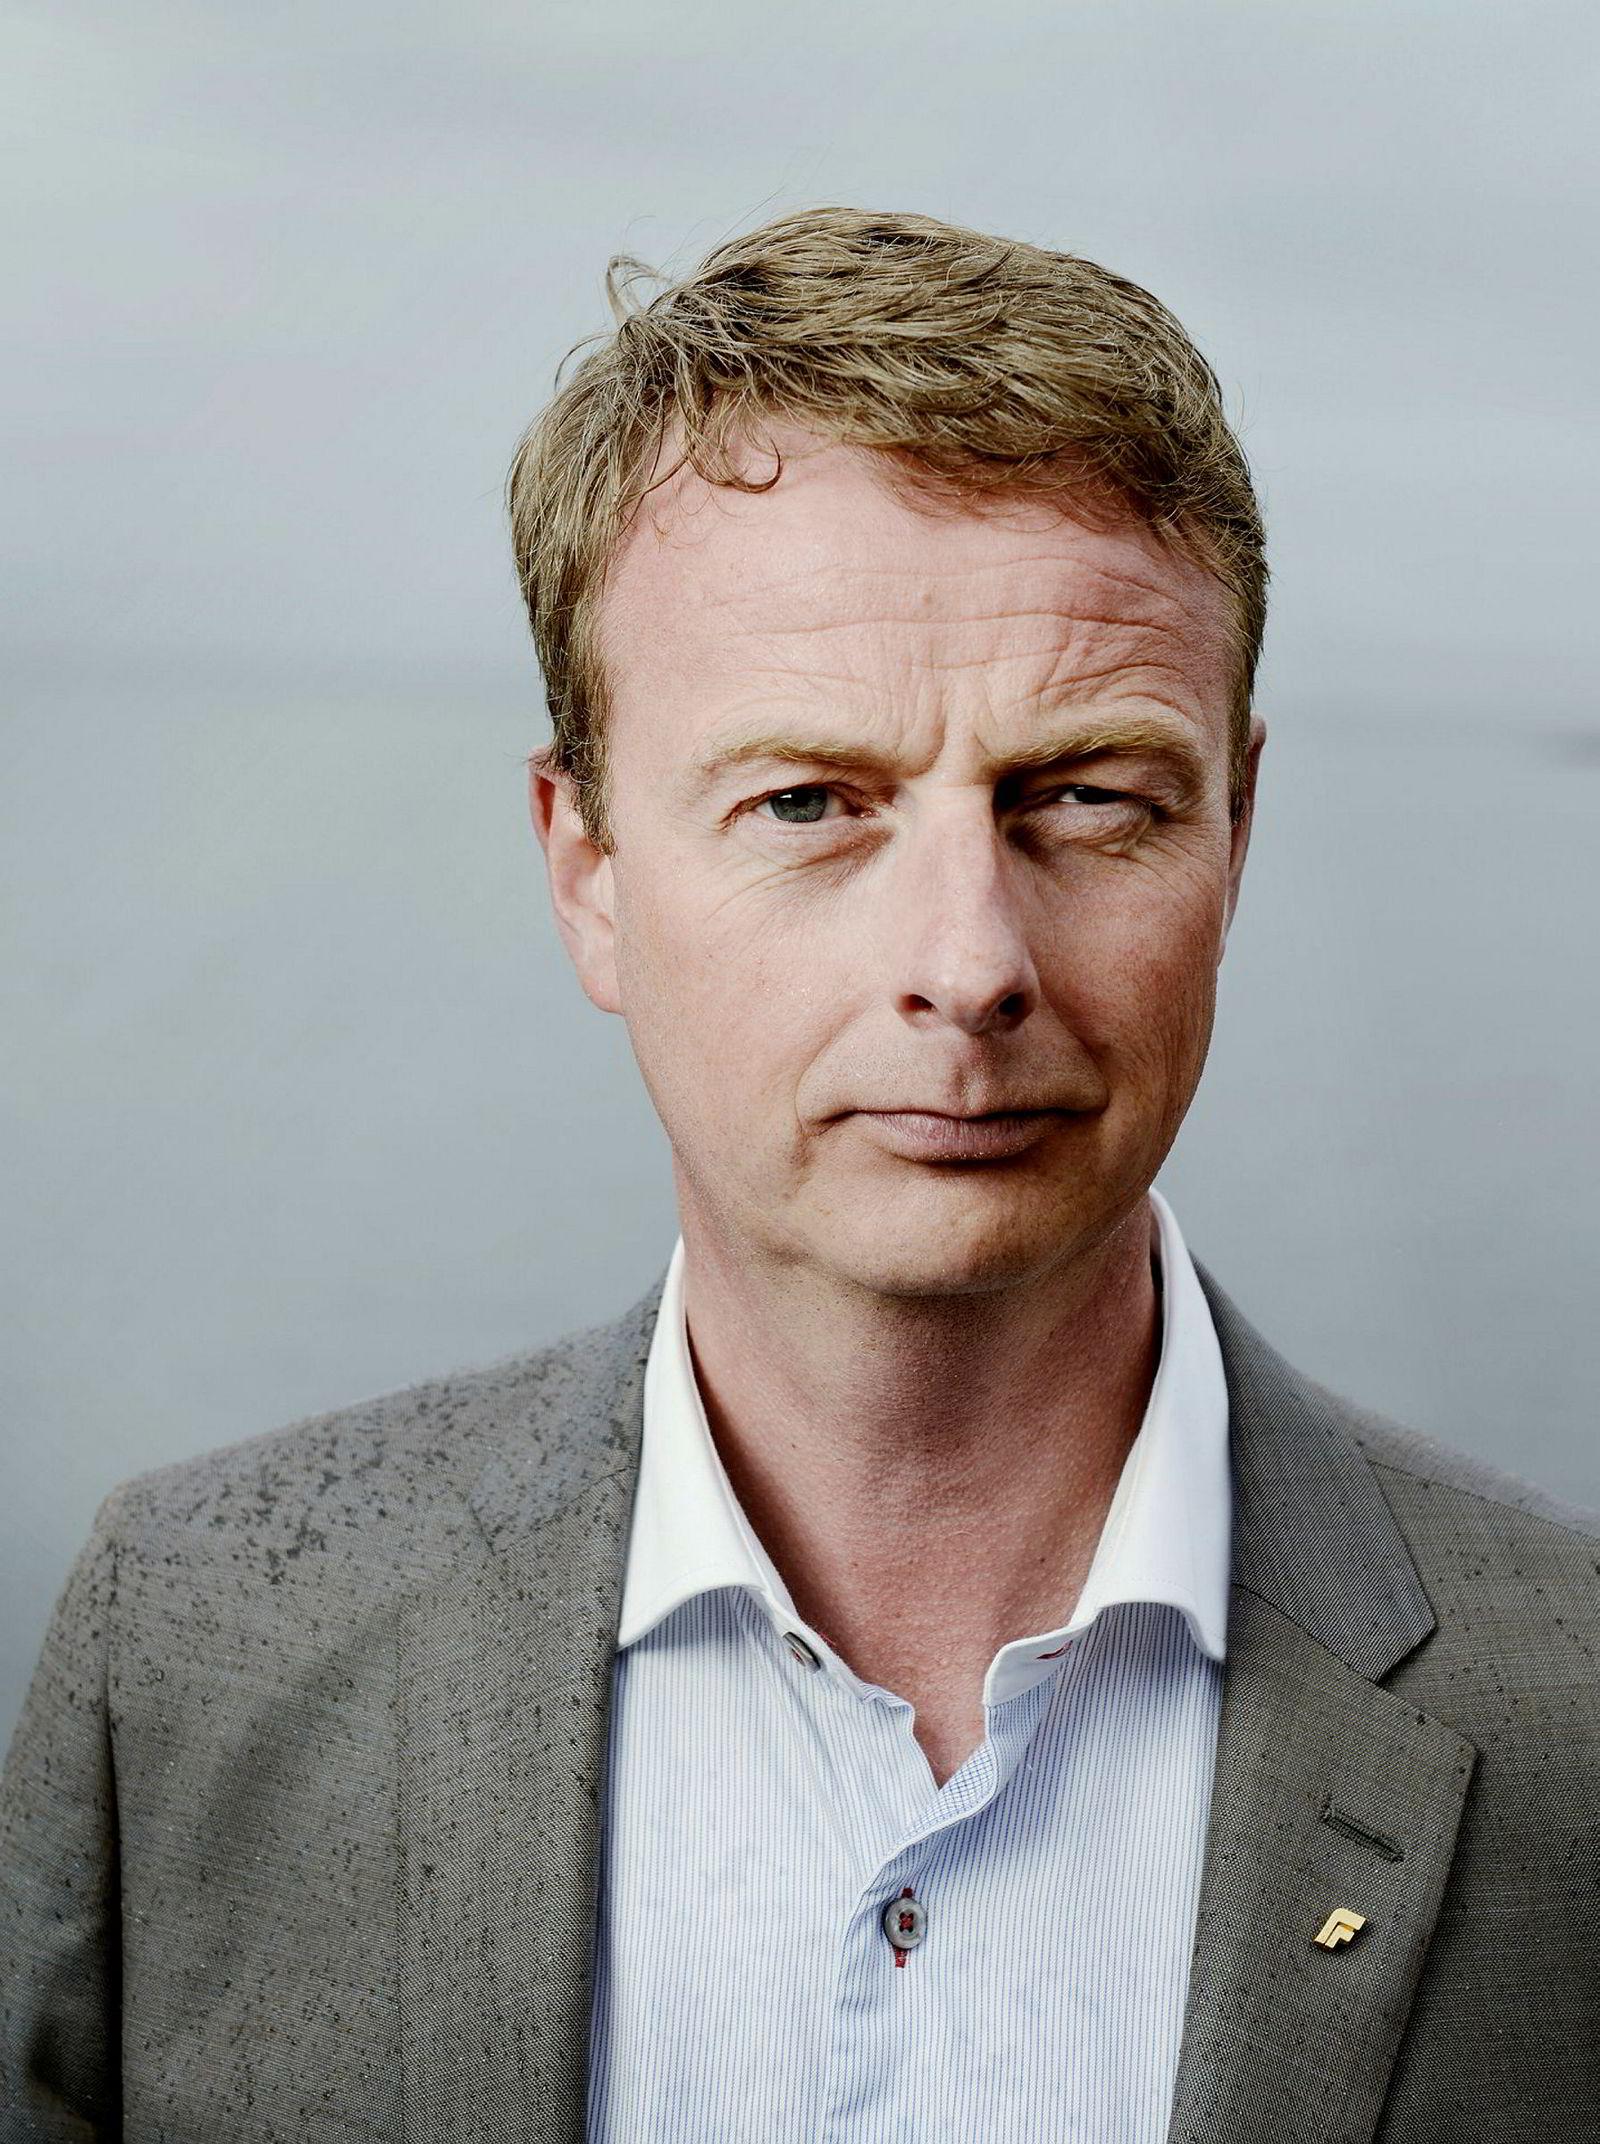 Os-ordfører Terje Søviknes.